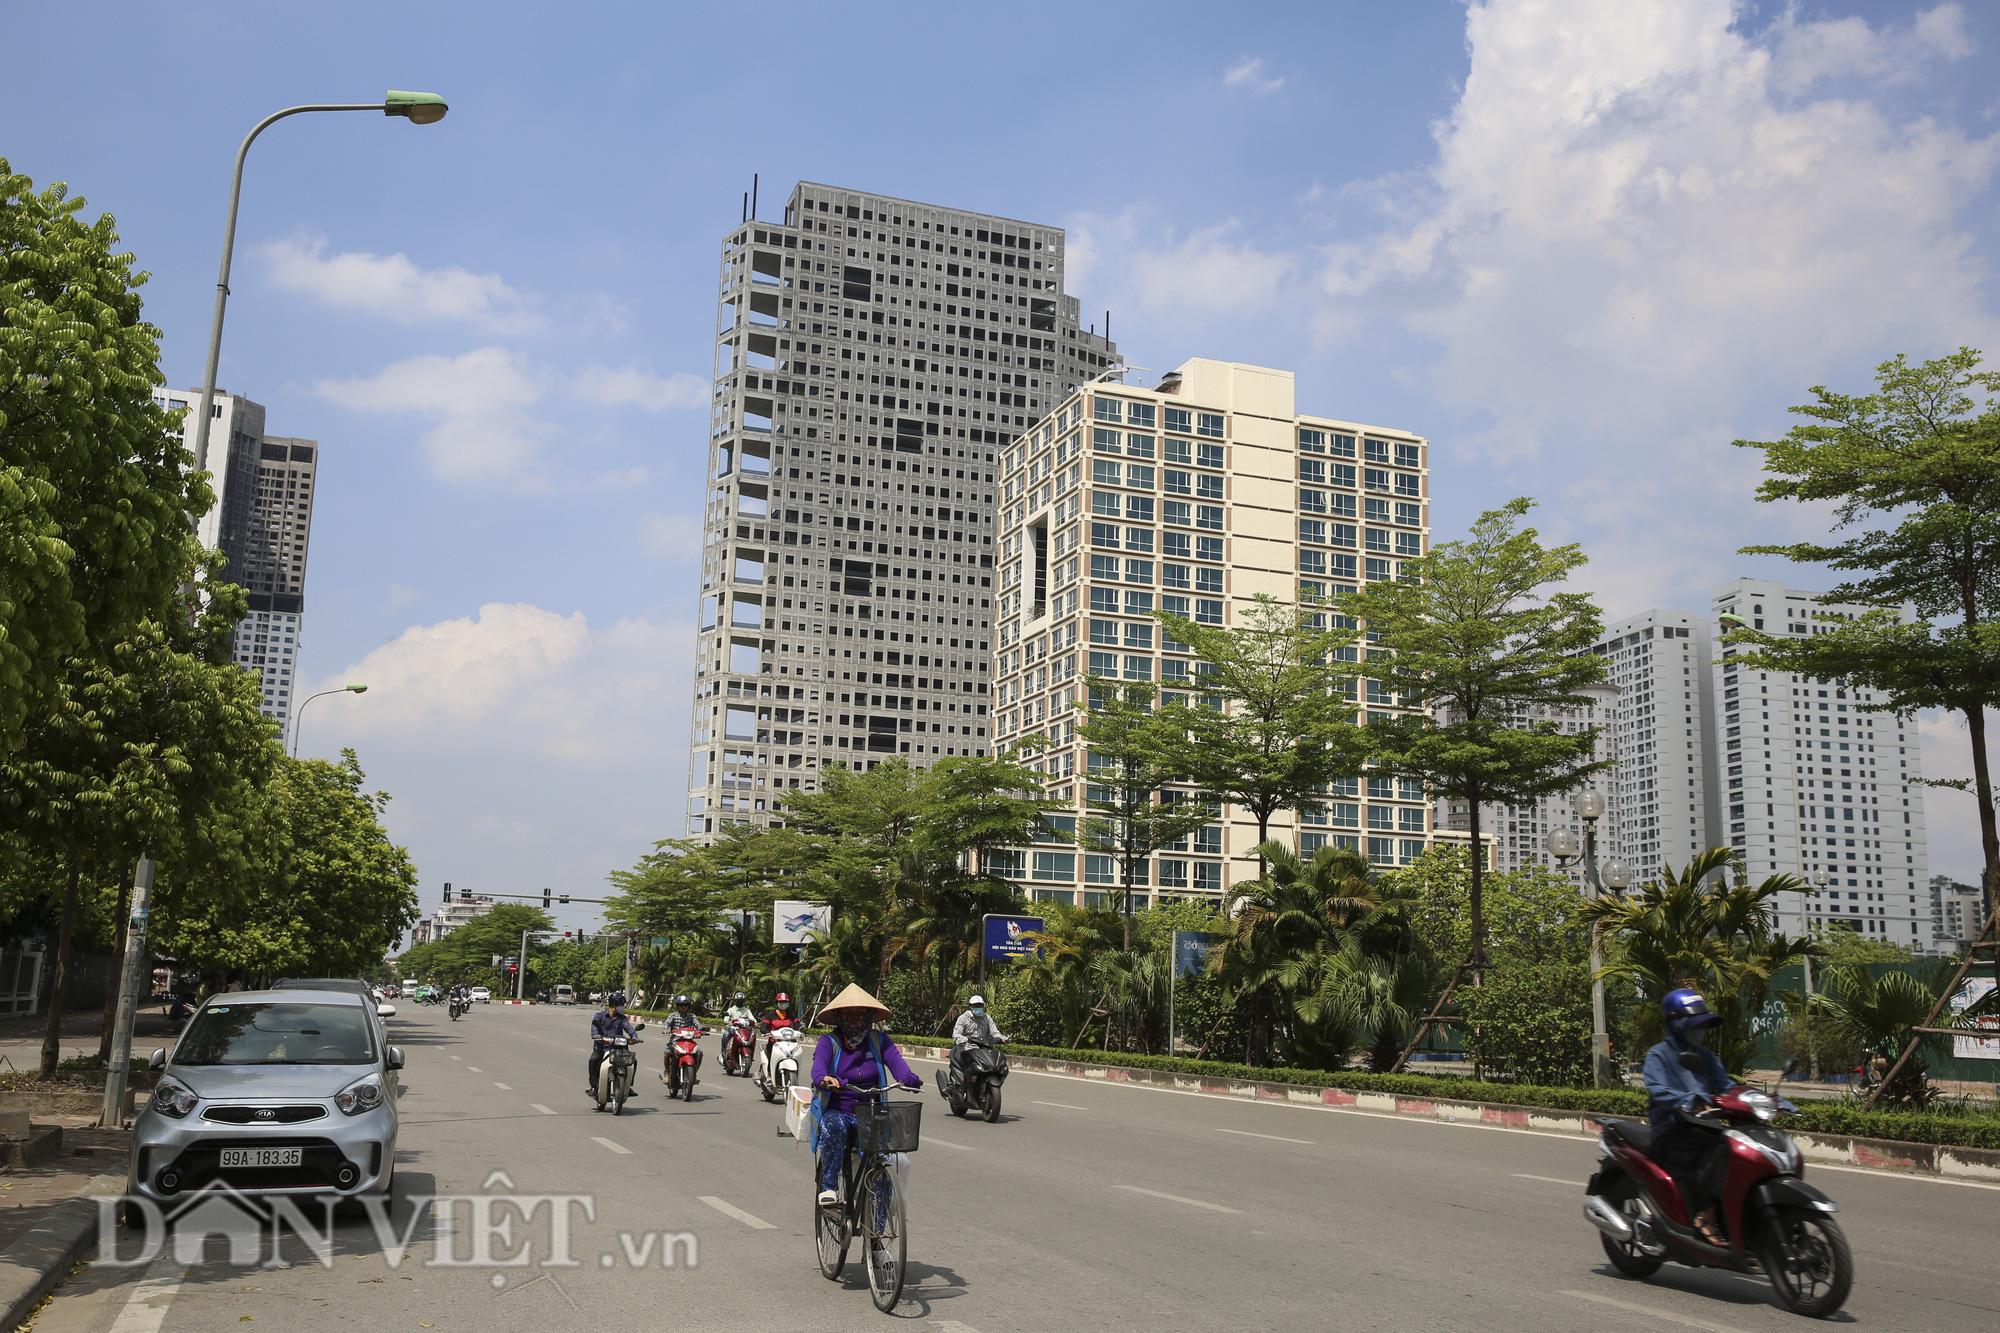 """Hệ thống cây xanh đã giúp Hà Nội giảm """"hiệu ứng đảo nhiệt đô thị"""" như thế nào? - Ảnh 5."""